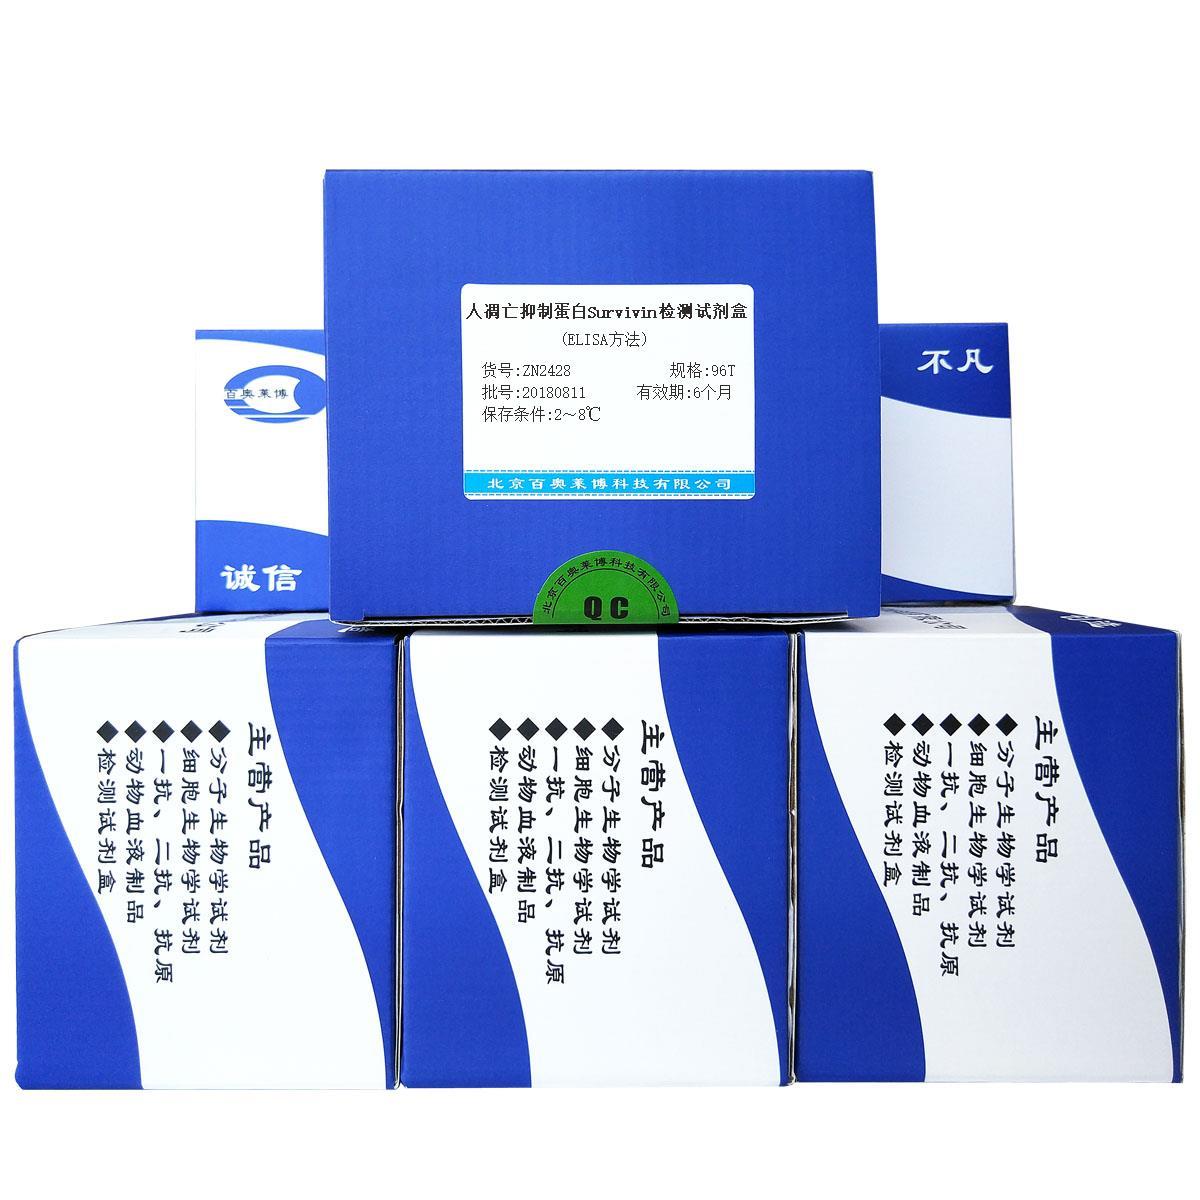 人凋亡抑制蛋白Survivin检测试剂盒(ELISA方法)